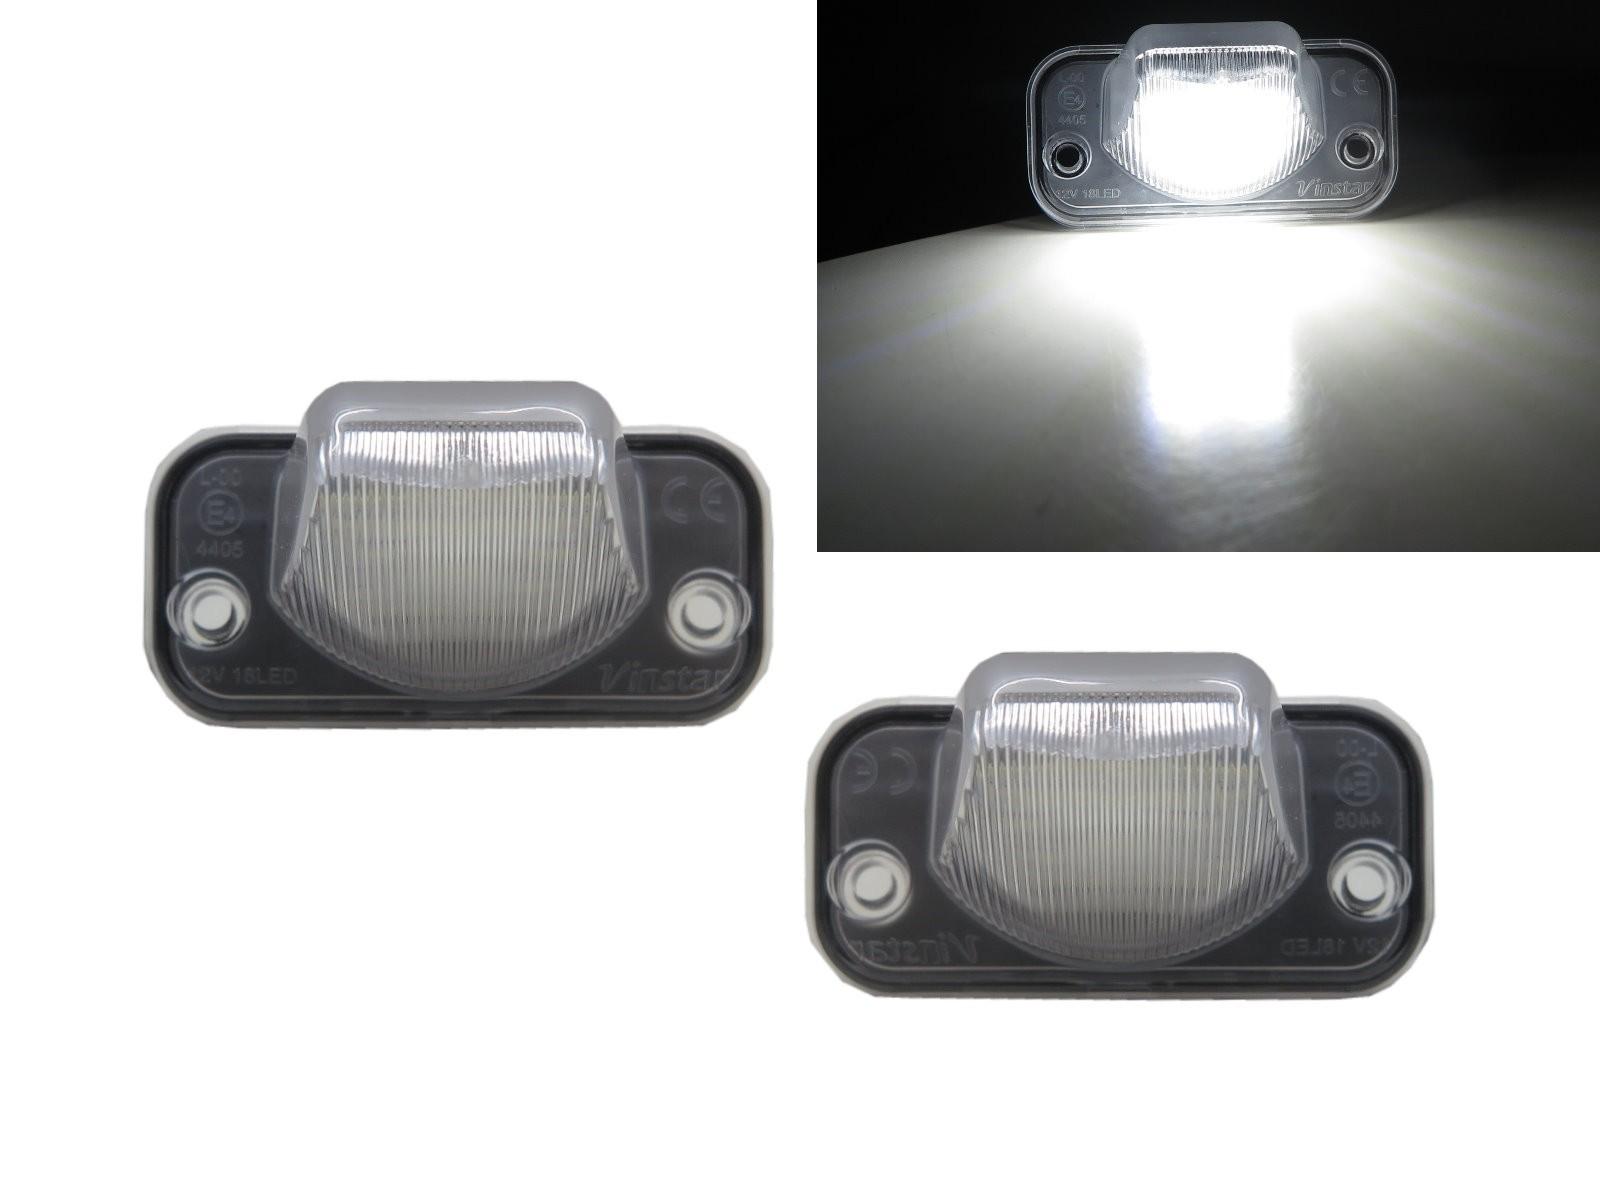 CrazyTheGod SYNCRO 2005-Present Sedan/Wagon 4D/5D LED License Lamp White for VW Volkswagen